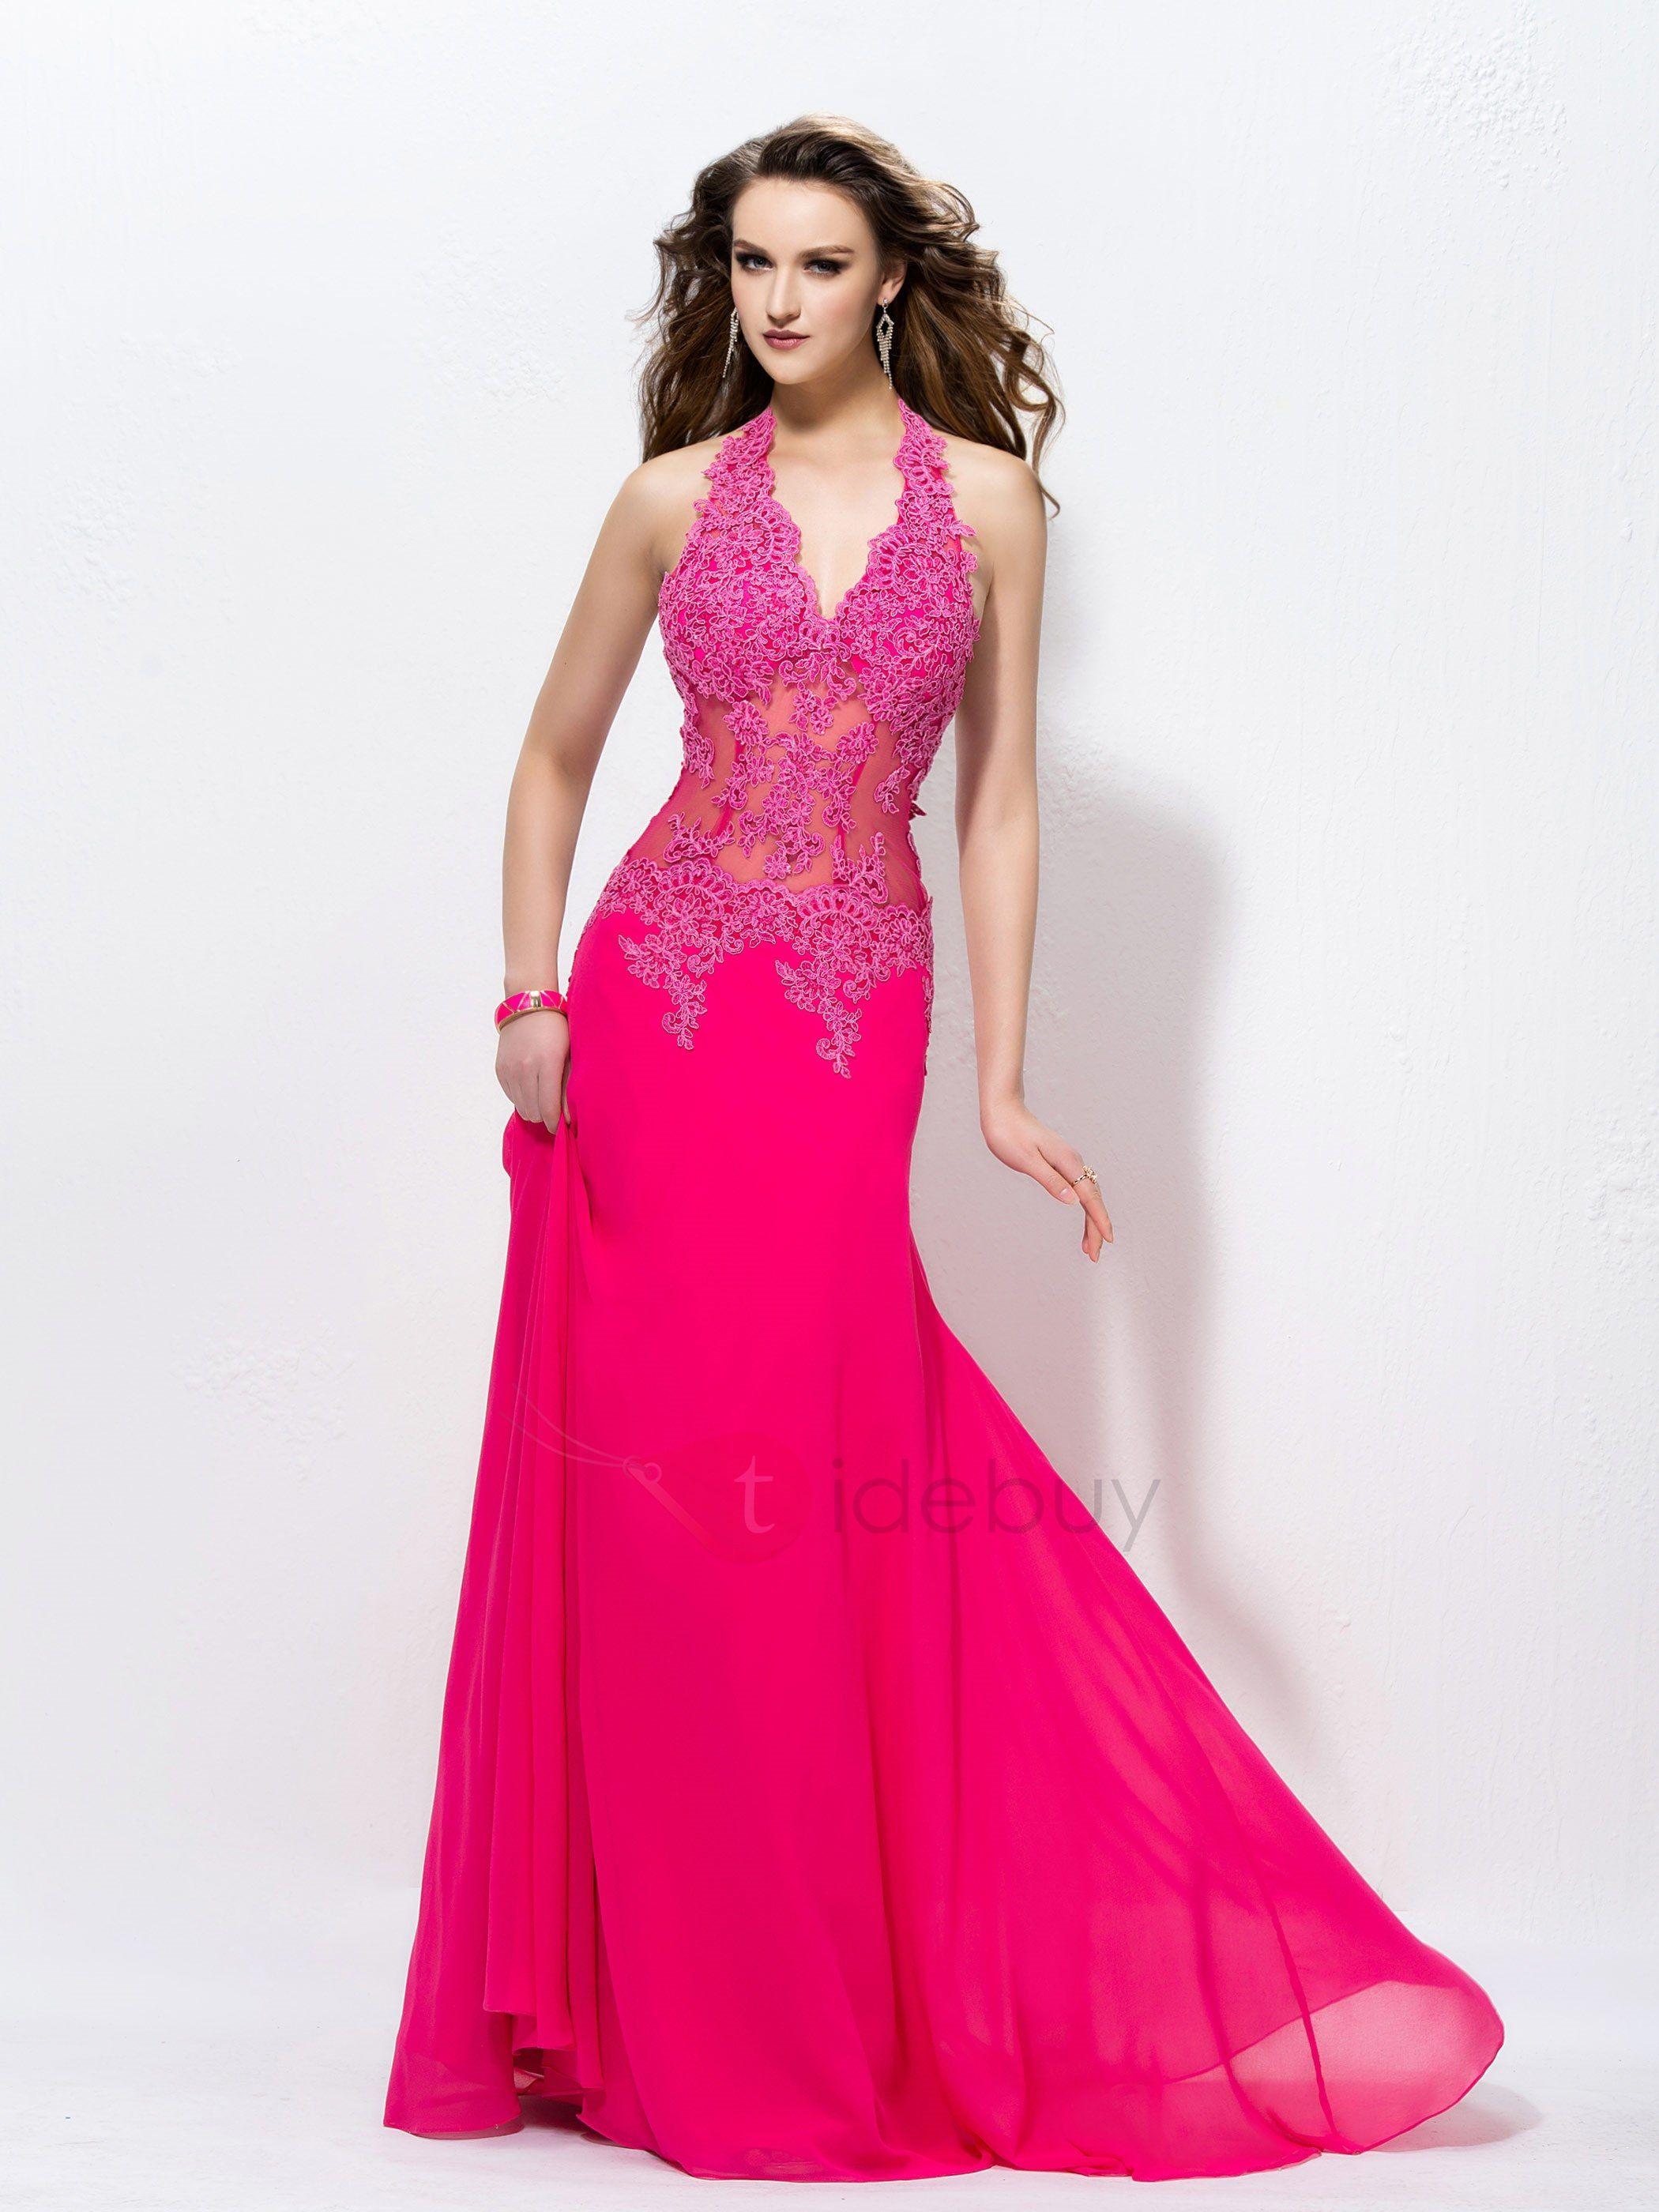 Fantástico Vestidos De Fiesta Diseño Personalizados Embellecimiento ...